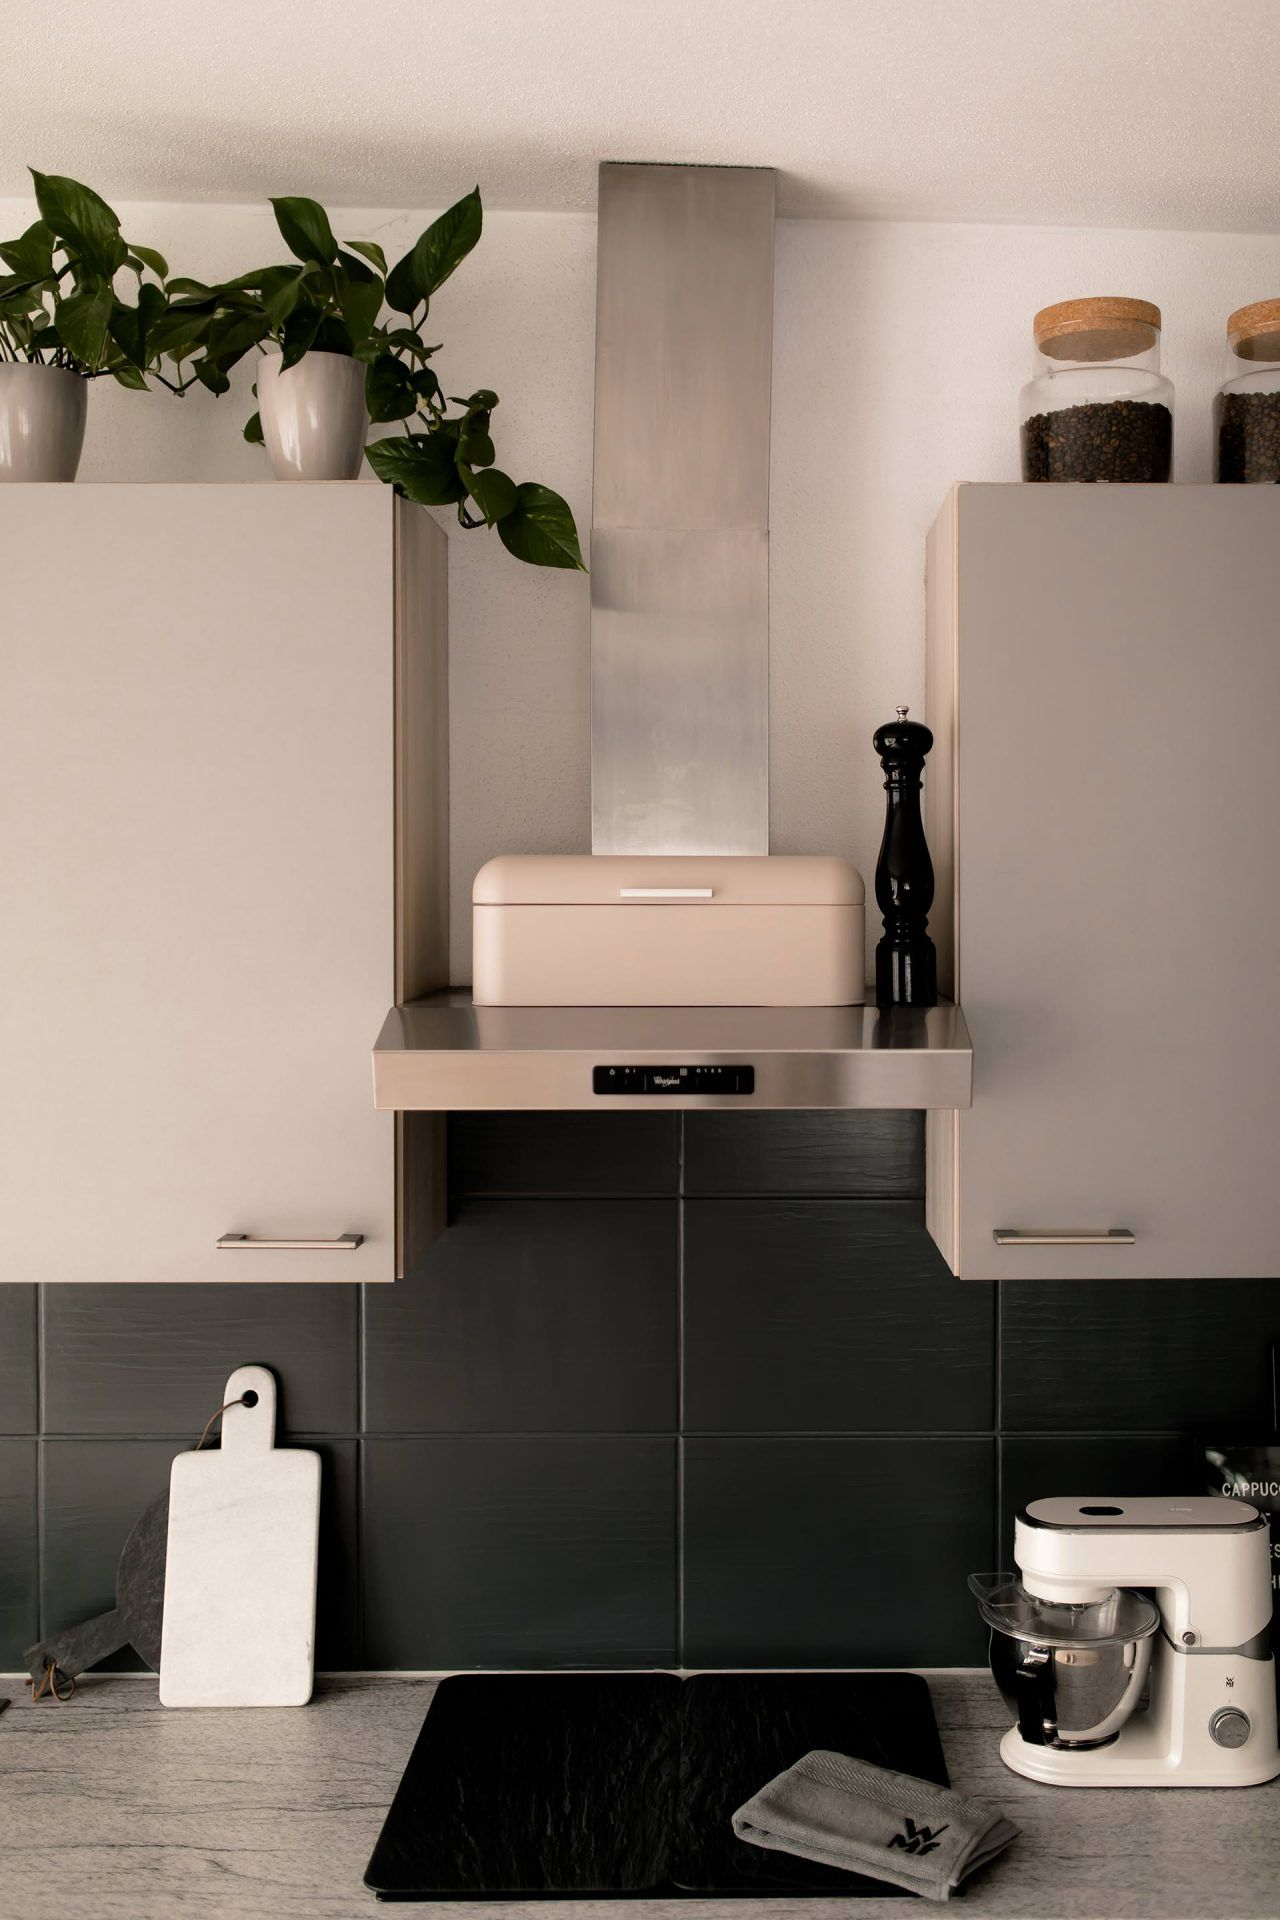 Fliesen Streichen Vorher Nachher Küche   Gäste WC vorher / nachher   Wc Renovieren, Bad vorher ...